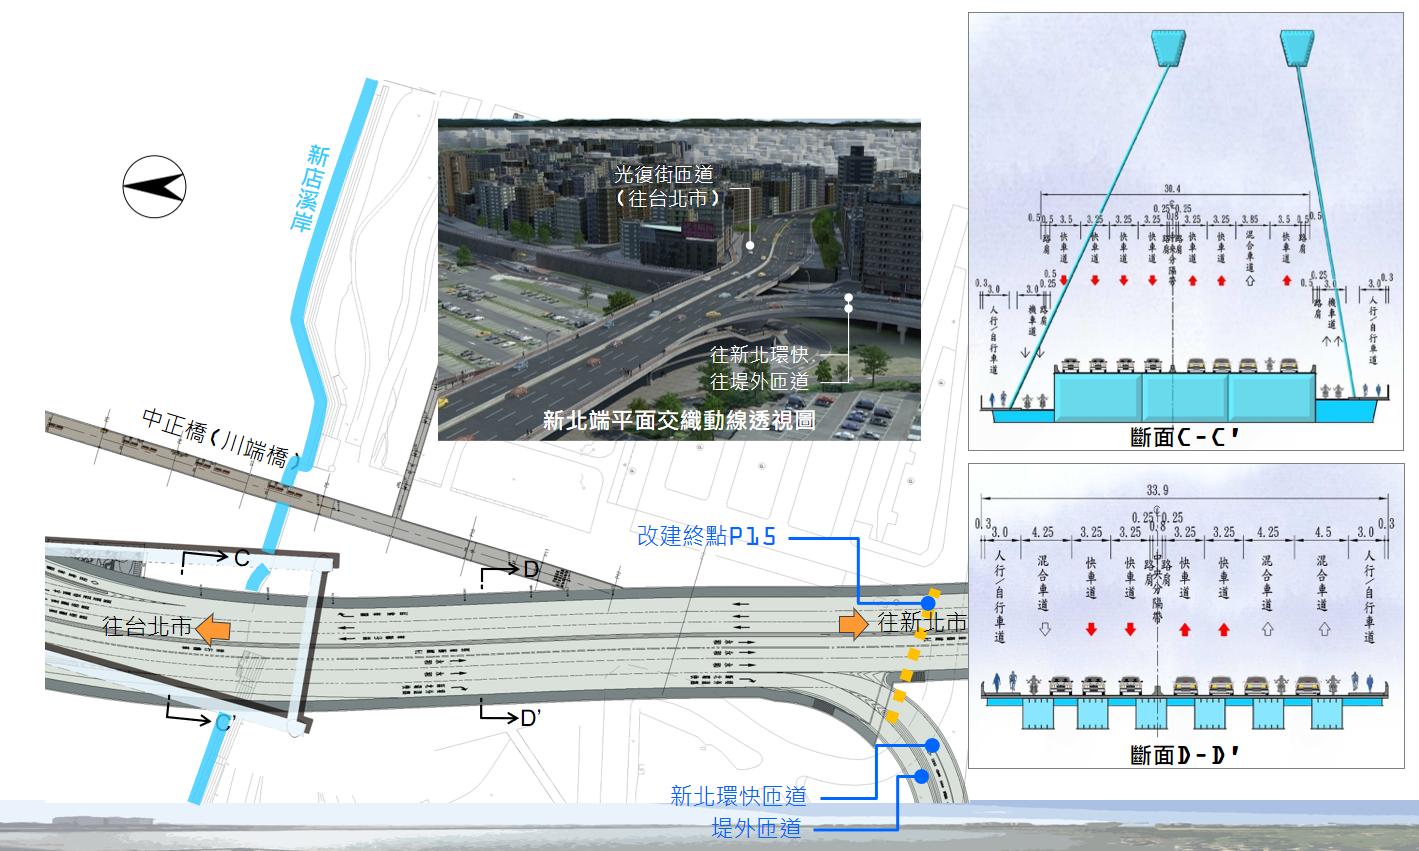 新北端交通動線圖